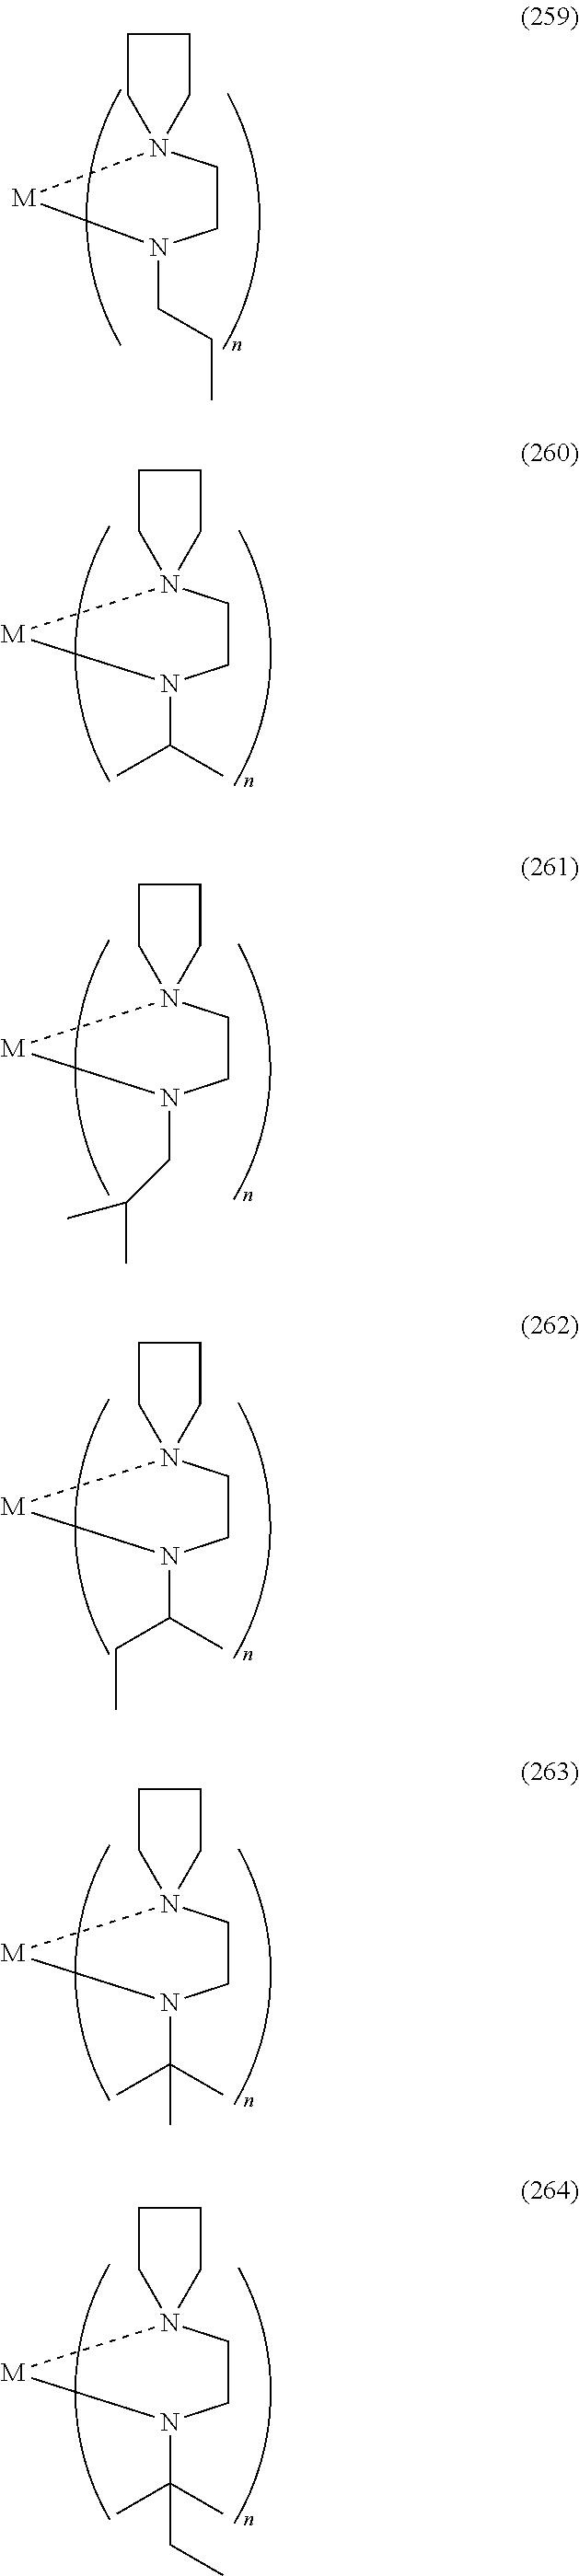 Figure US08871304-20141028-C00052